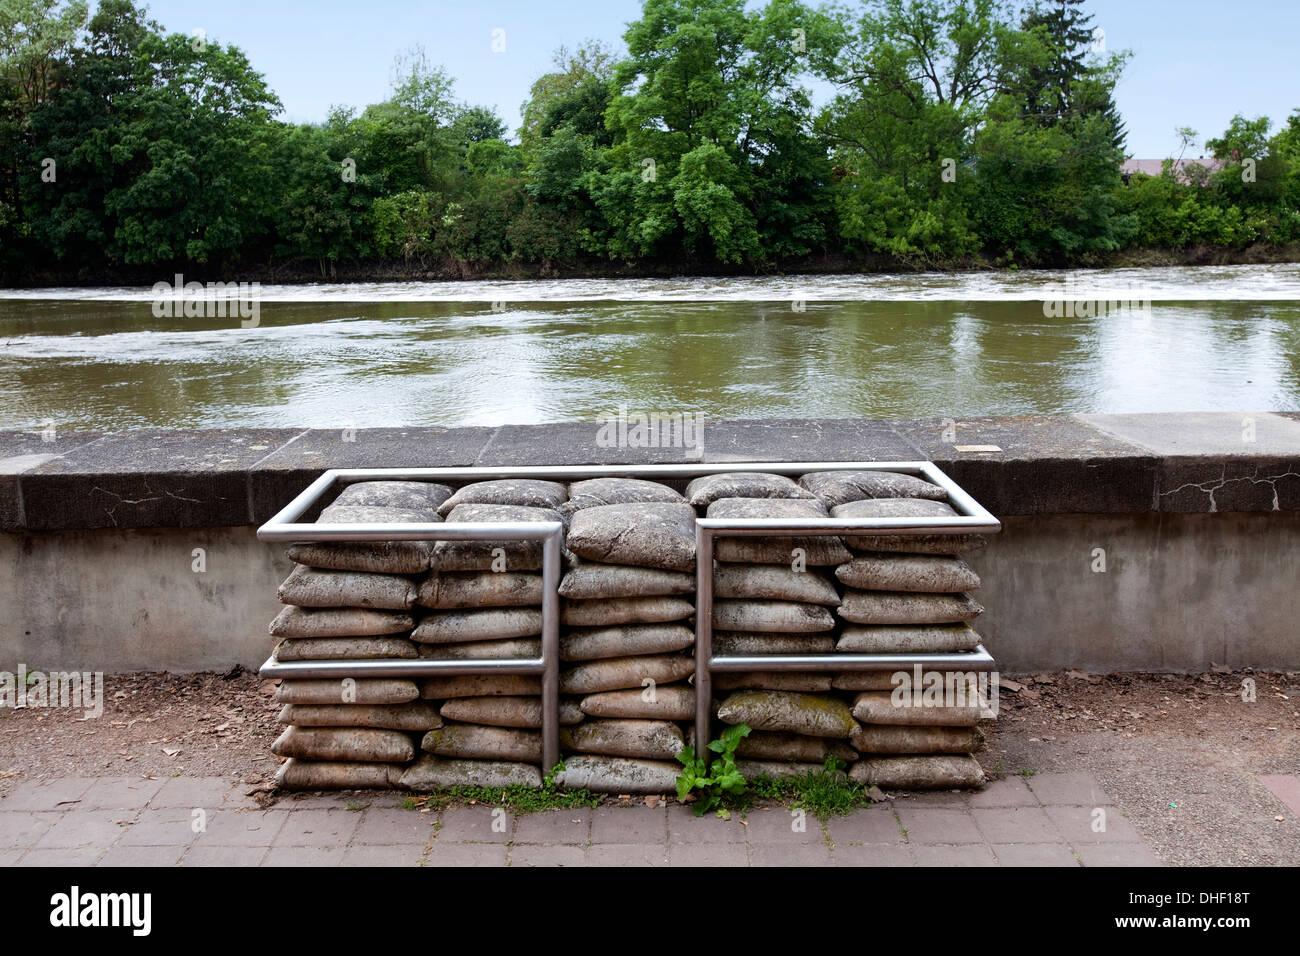 Sandsäcke gefertigt aus Beton, Mahnmal am Fluss Weser, Hameln, Niedersachsen, Deutschland, Europa, Stockbild